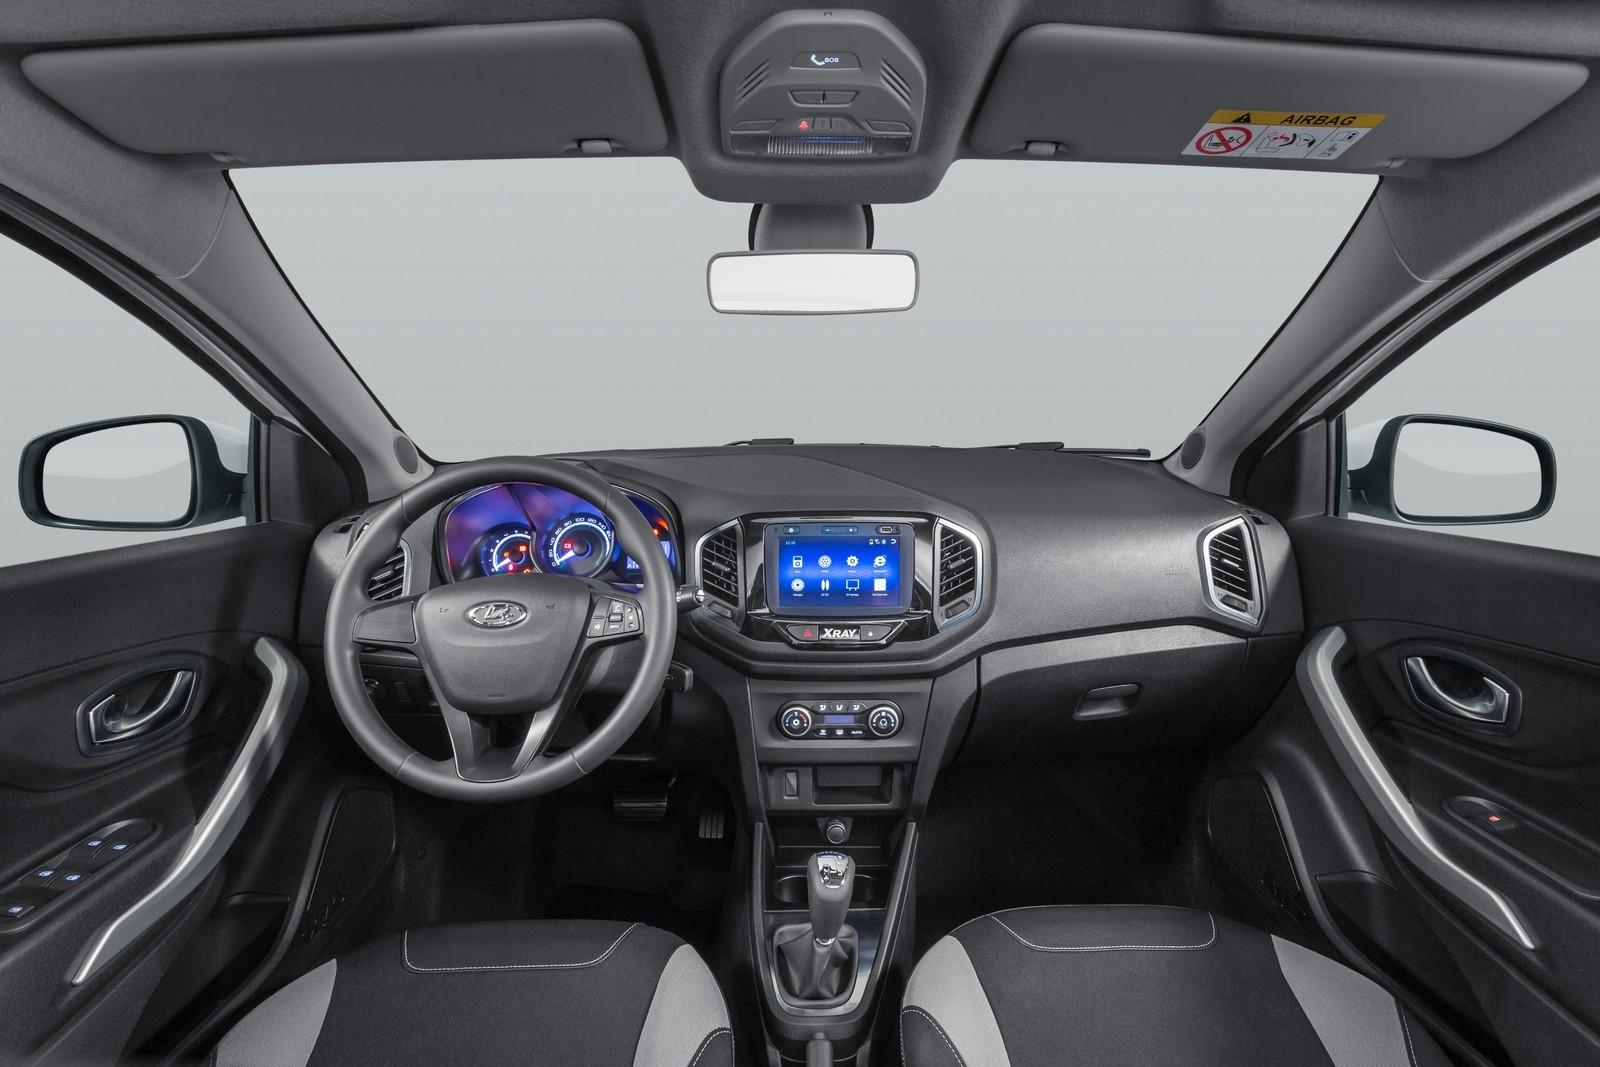 Продажи Lada Xray стали падать ещё сильнее – в чём причина?